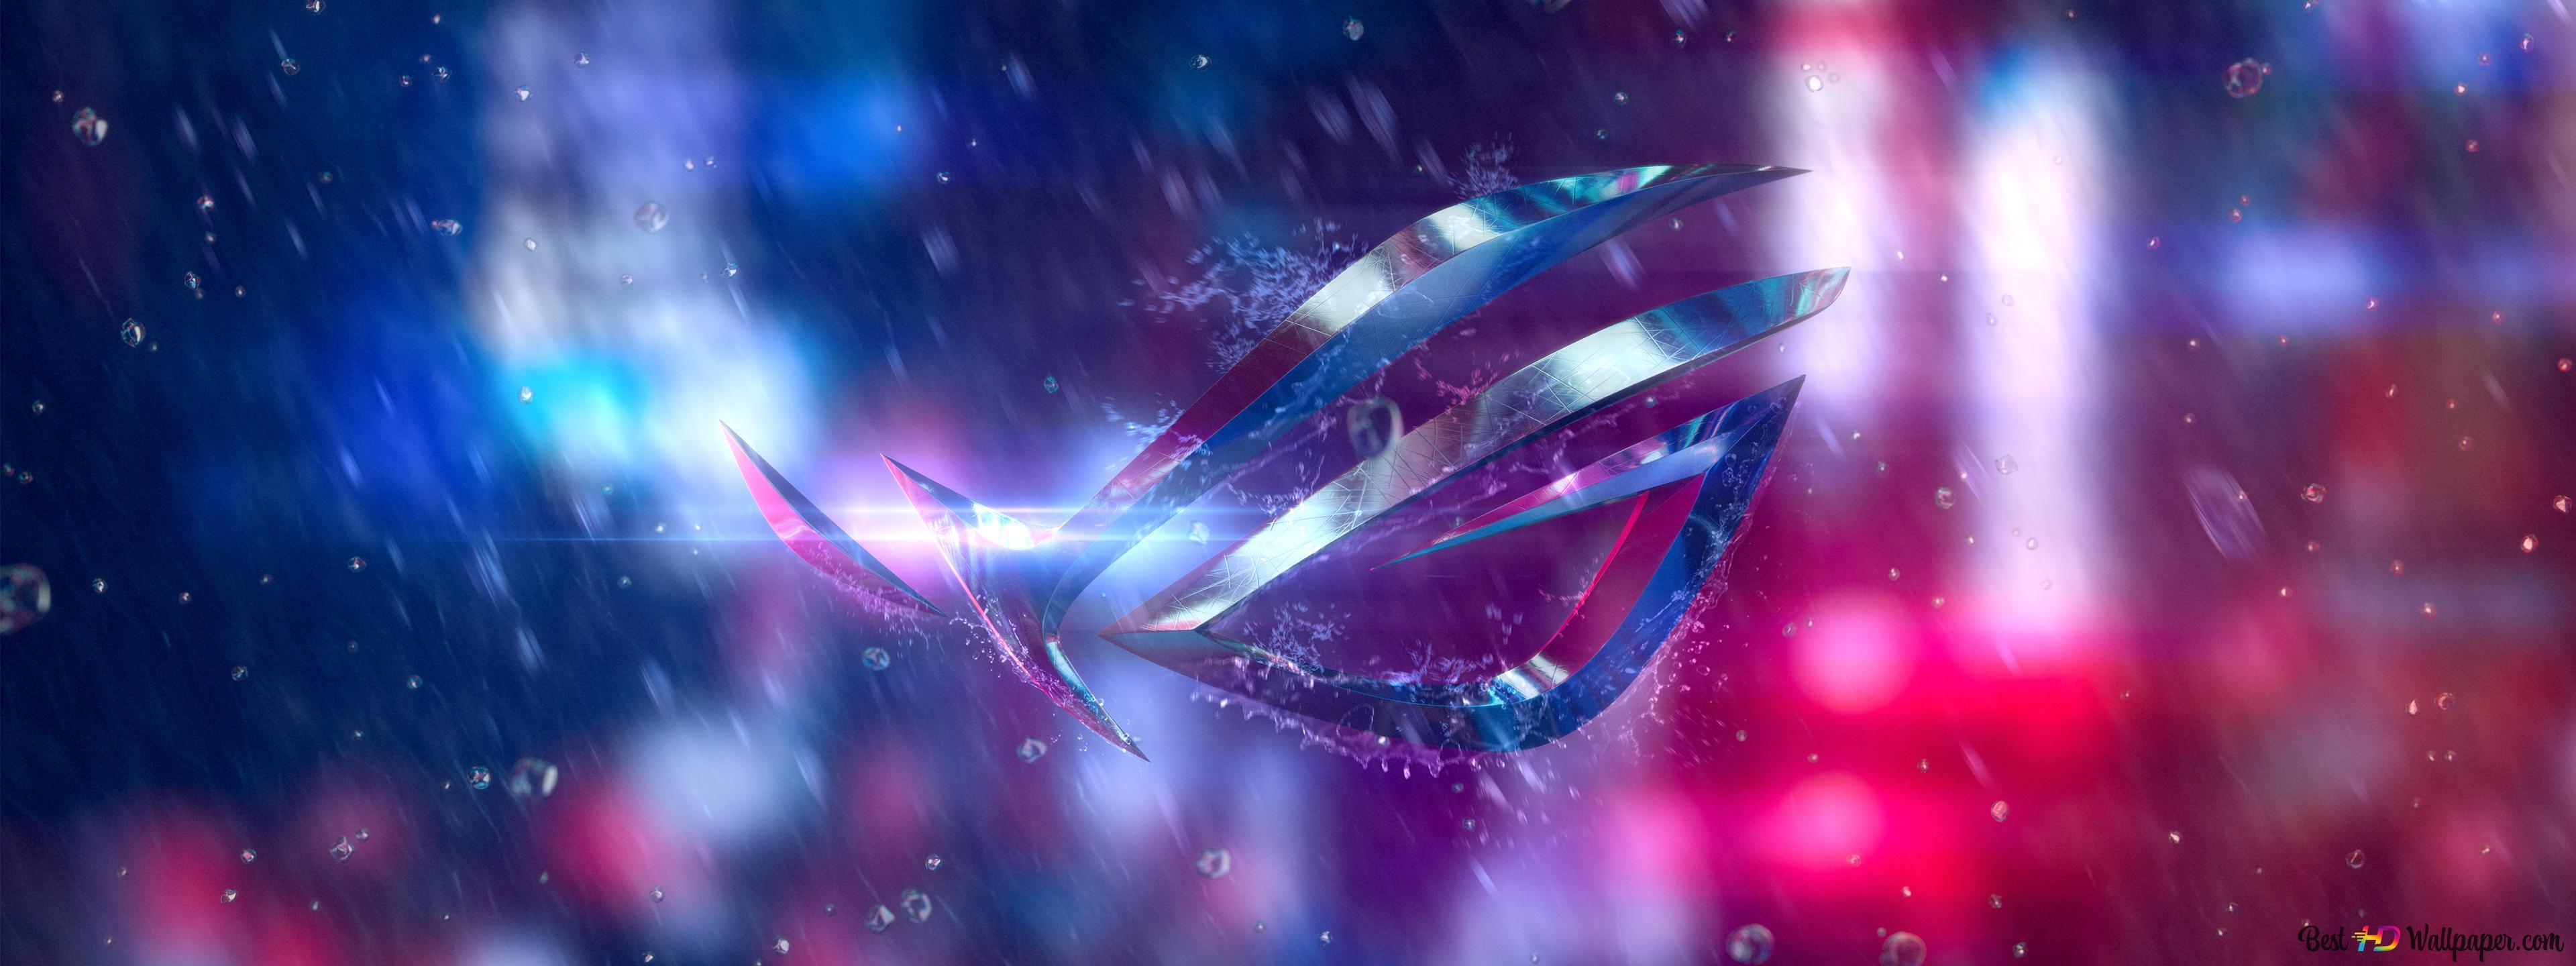 Asus Rog Republic Of Gamers Digital Logo Hd Wallpaper